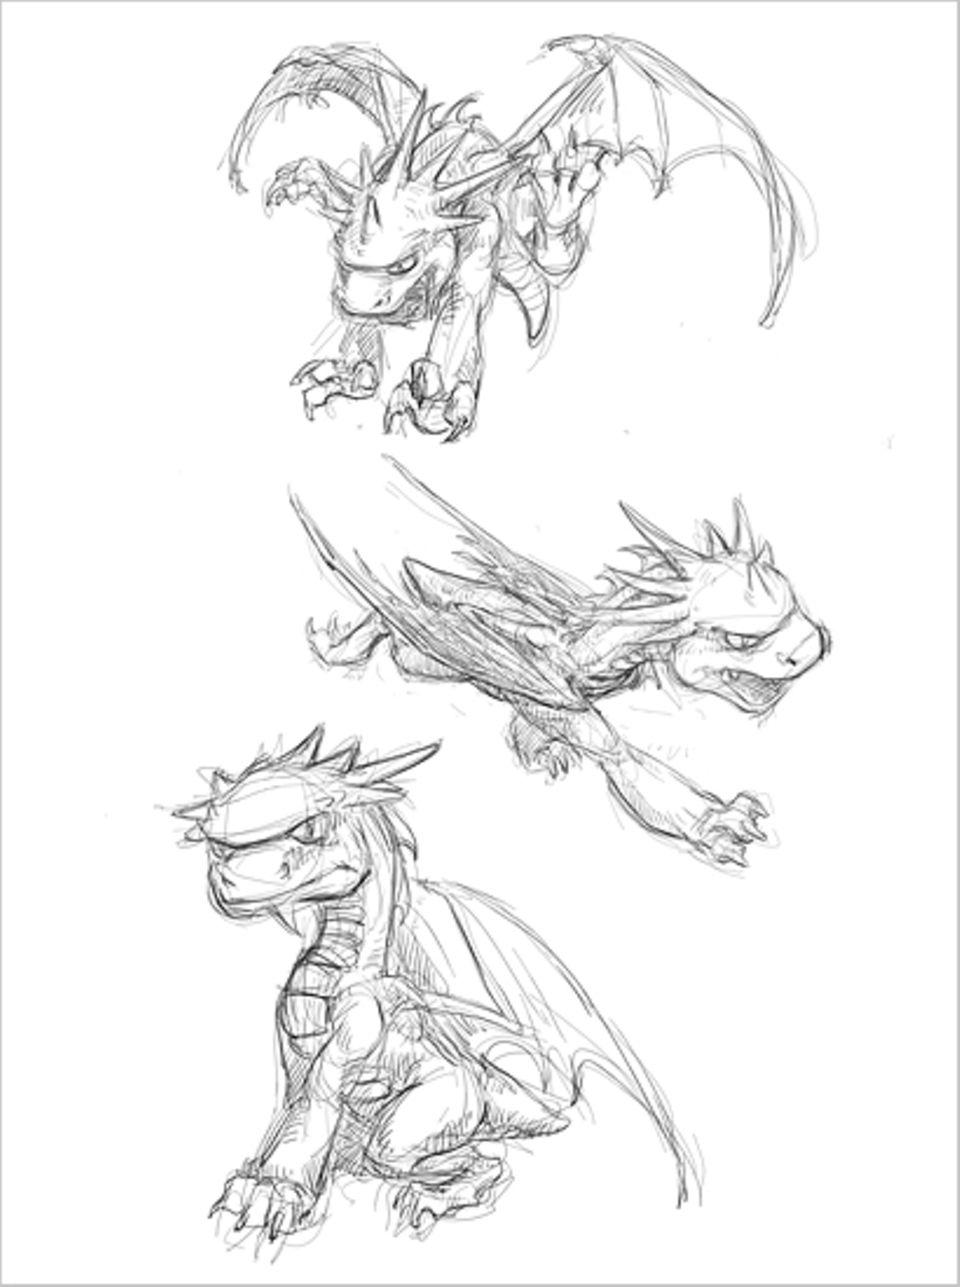 Beruf: Die ersten mit der Hand gezeichneten Skizzen eines Drachen, der zur Hauptfigur in einem Computerspiel wird